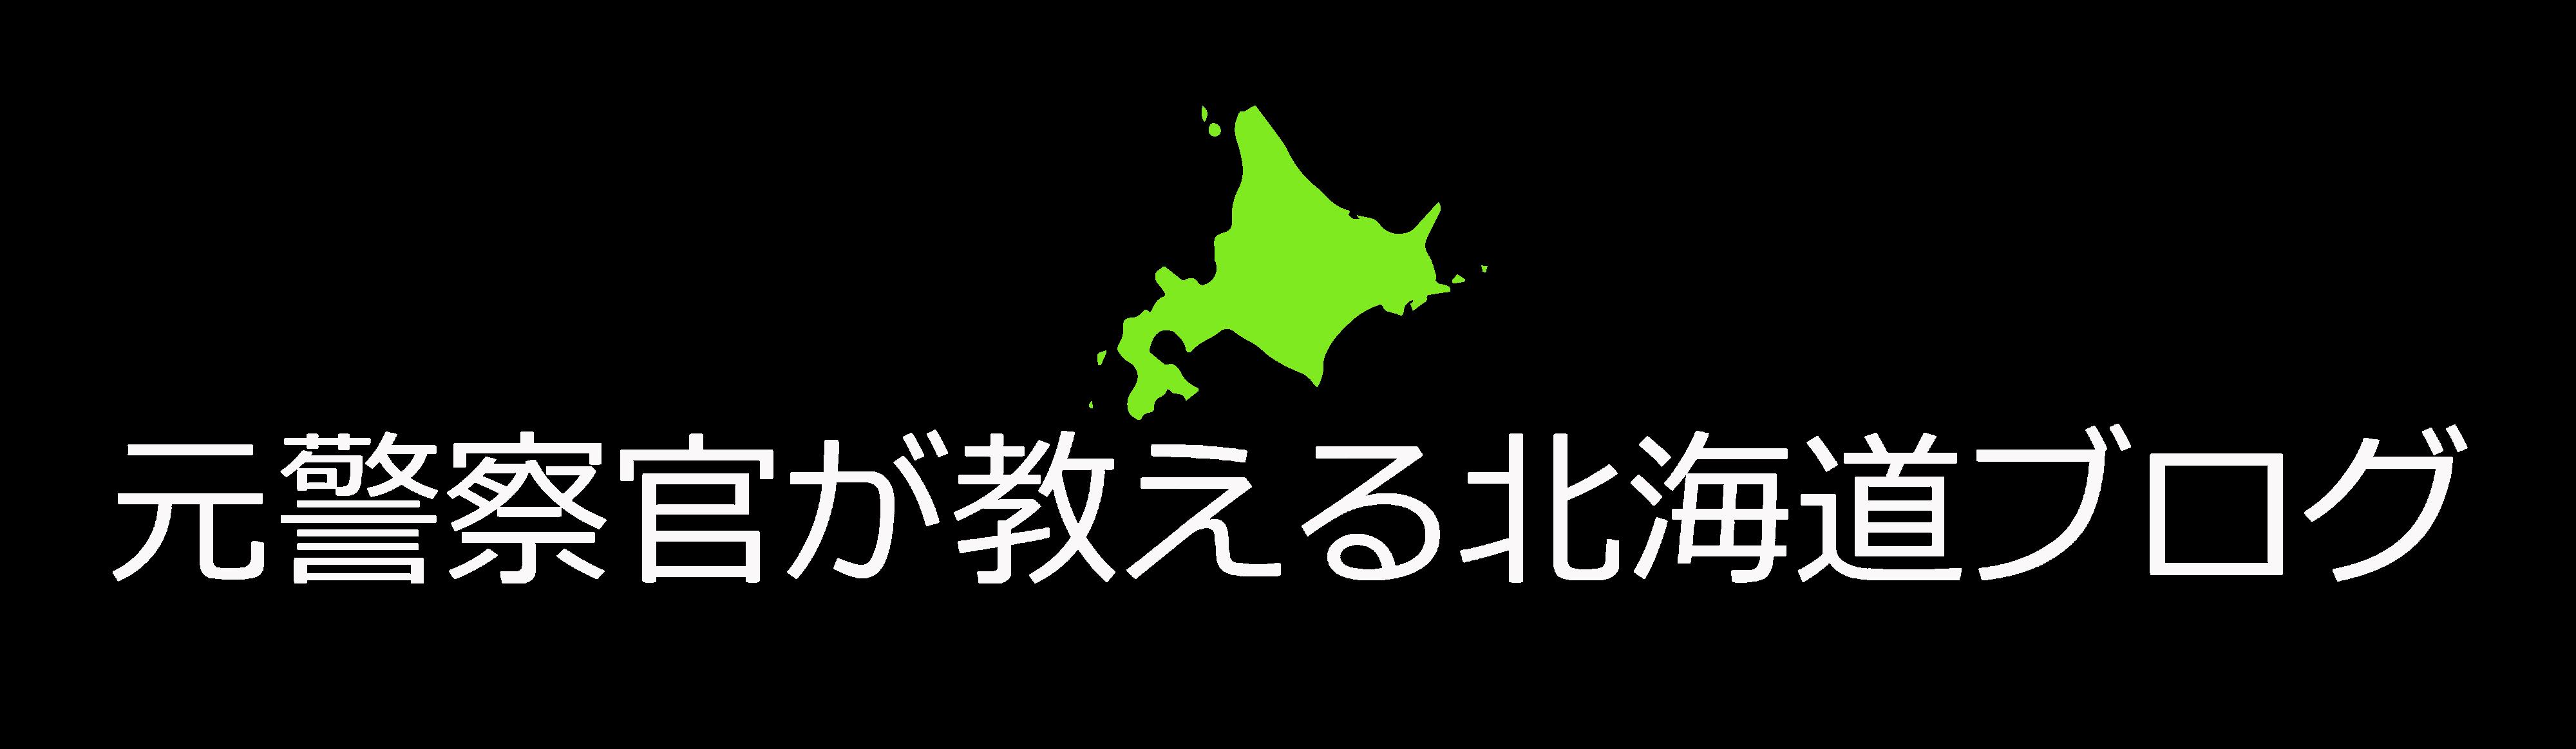 元警察官が教える北海道ブログ